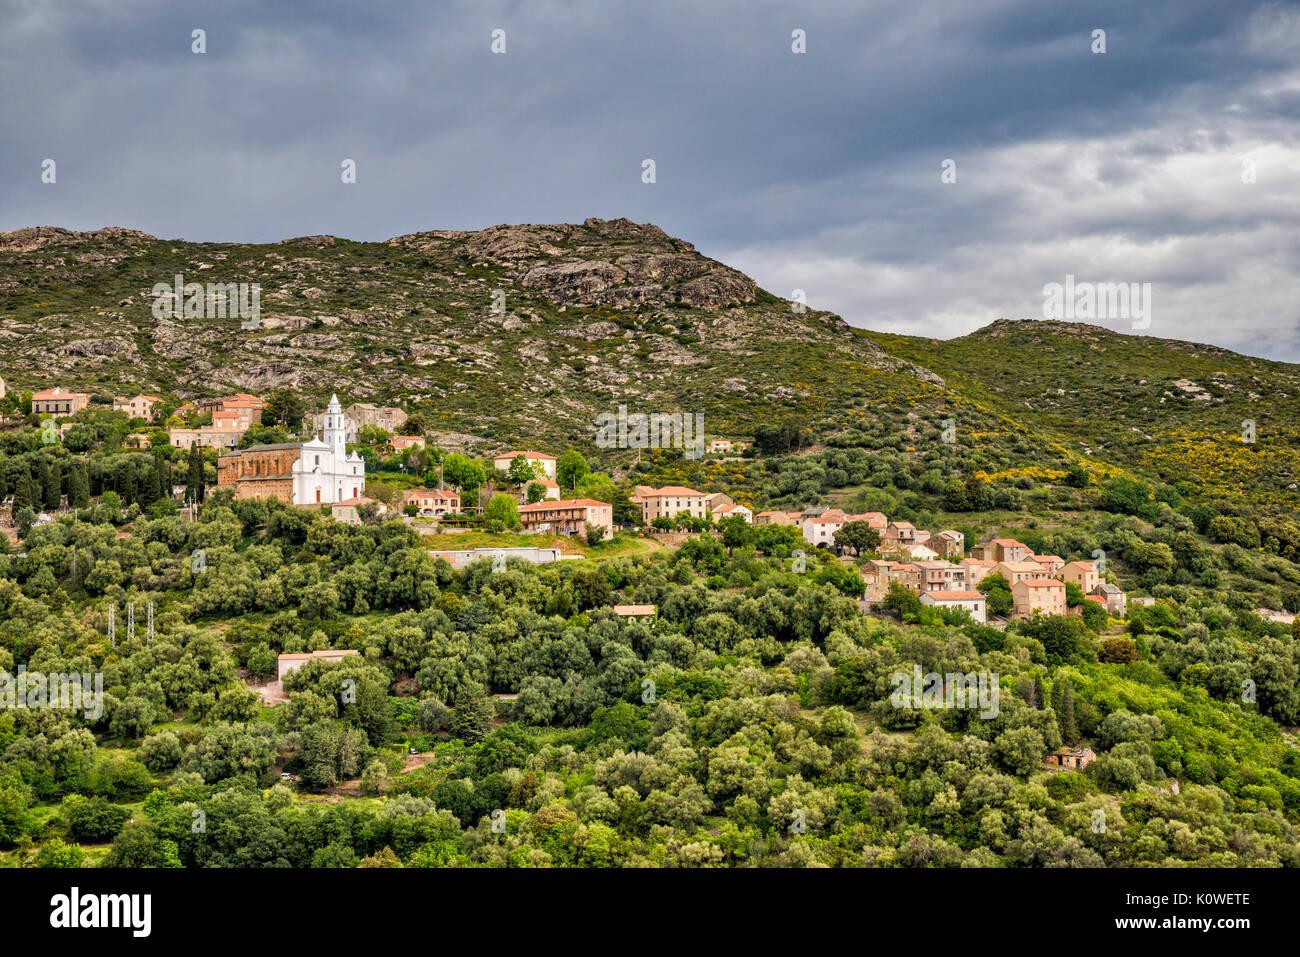 Colina Village de Santo-Pietro-di-Tenda, región, departamento Nebbio Haute-Corse, Córcega, Francia Imagen De Stock